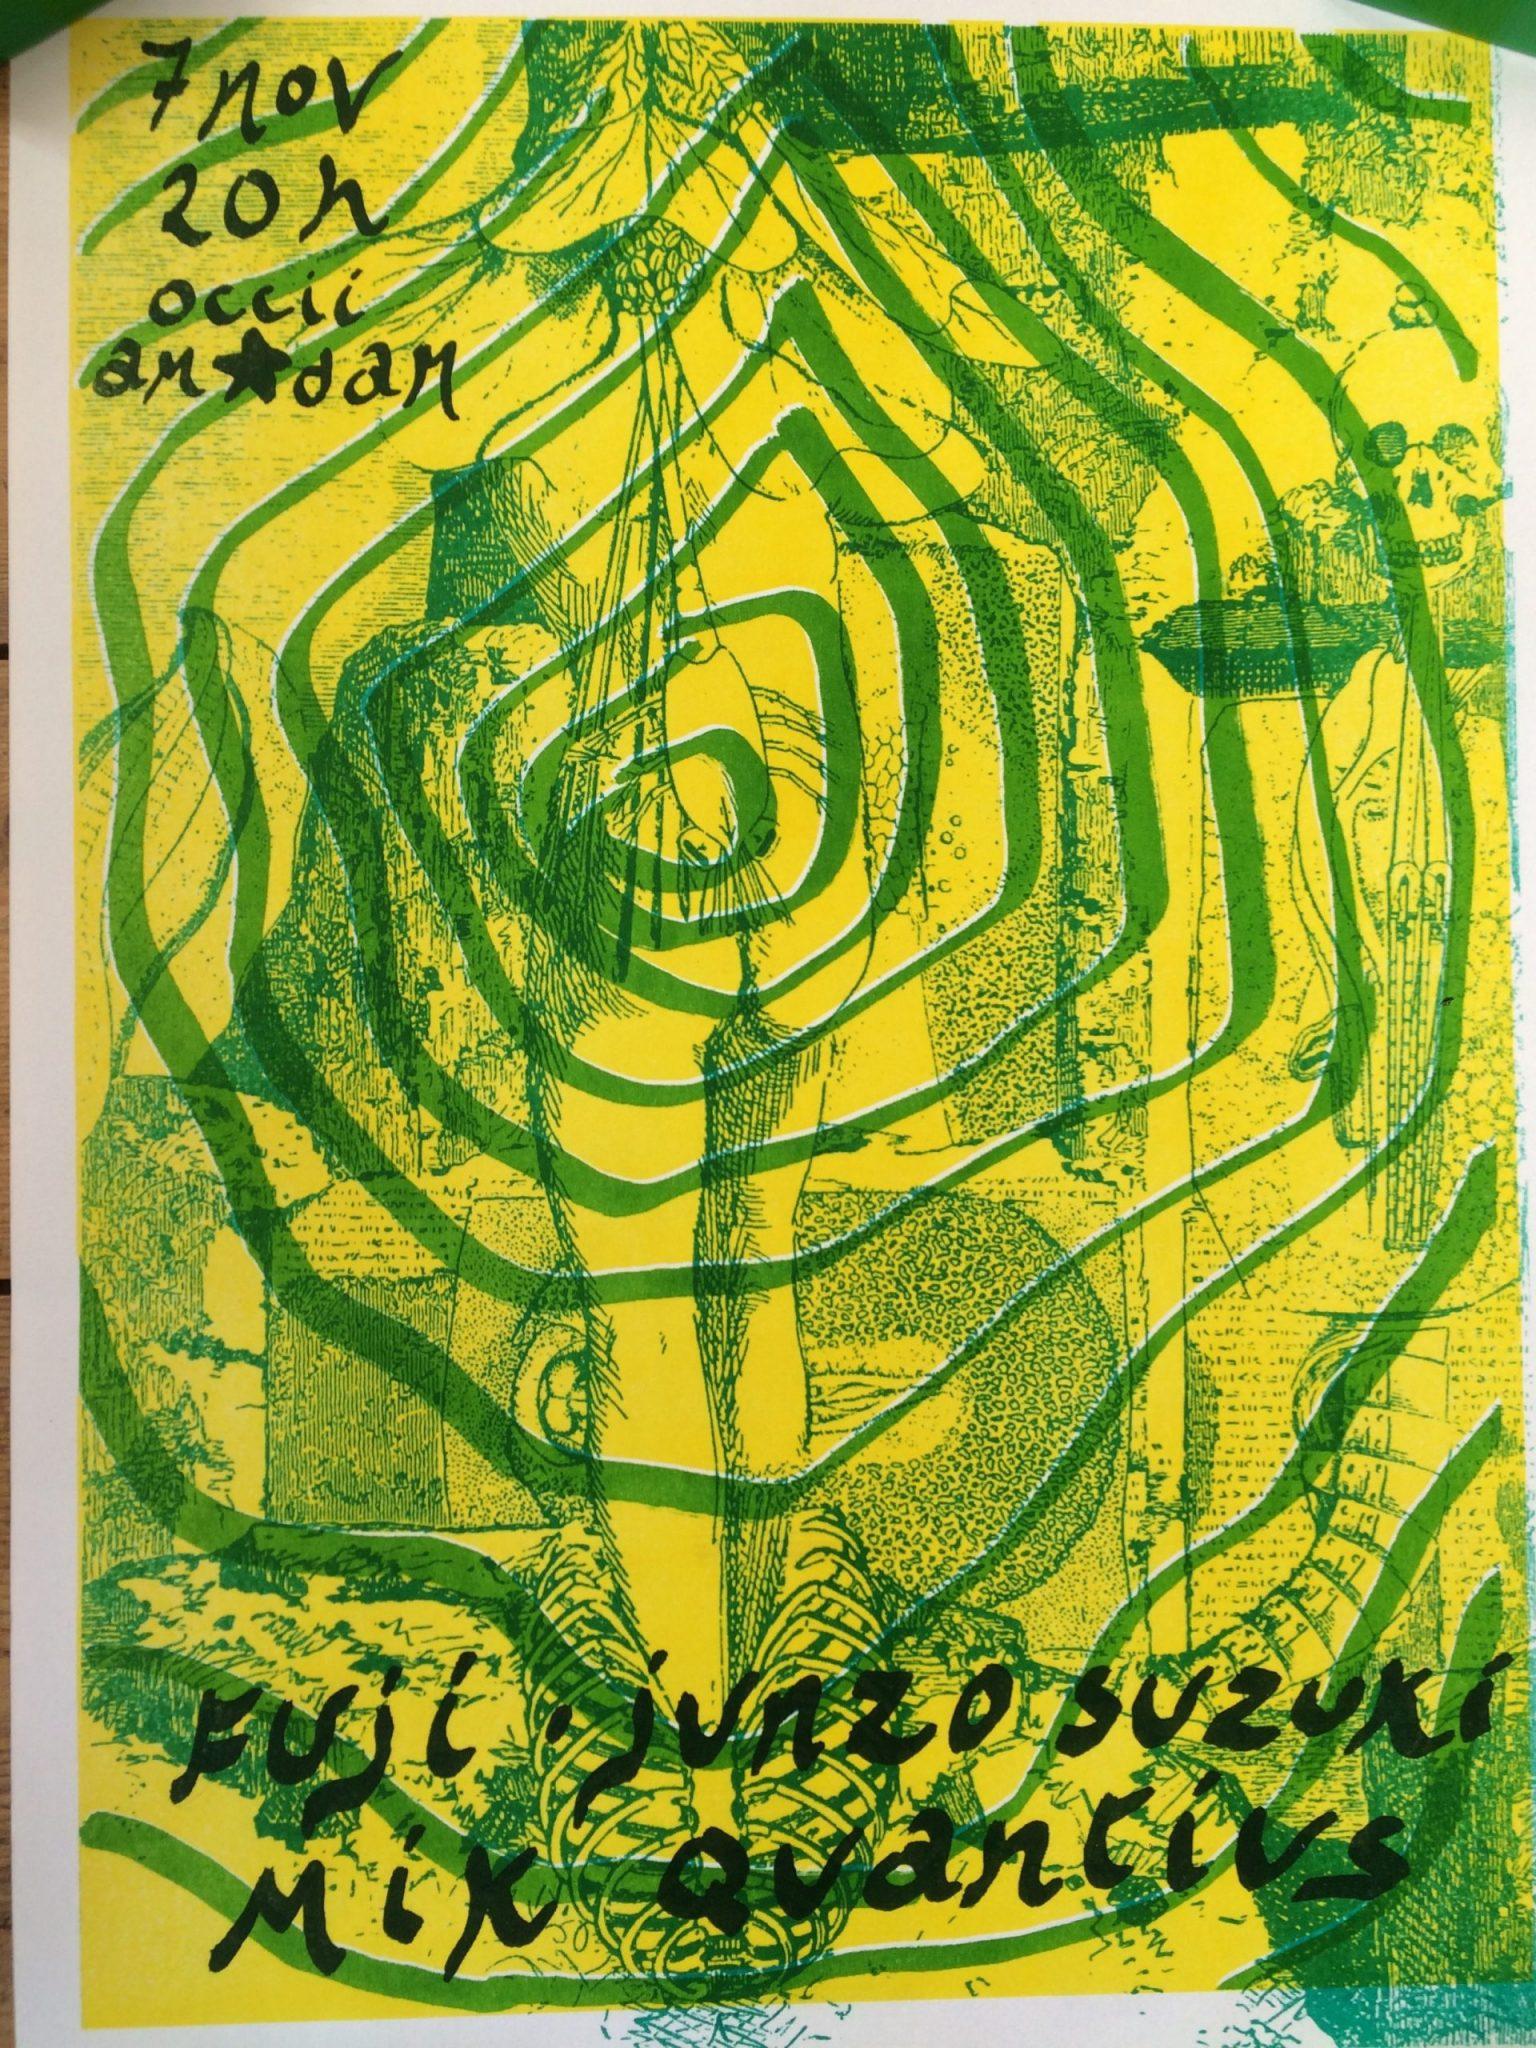 OCCII COSMIC BAR: FUJI (BE/JP/DE) + JUNZO SUZUKI (JP) + Mik Quantius (DE)